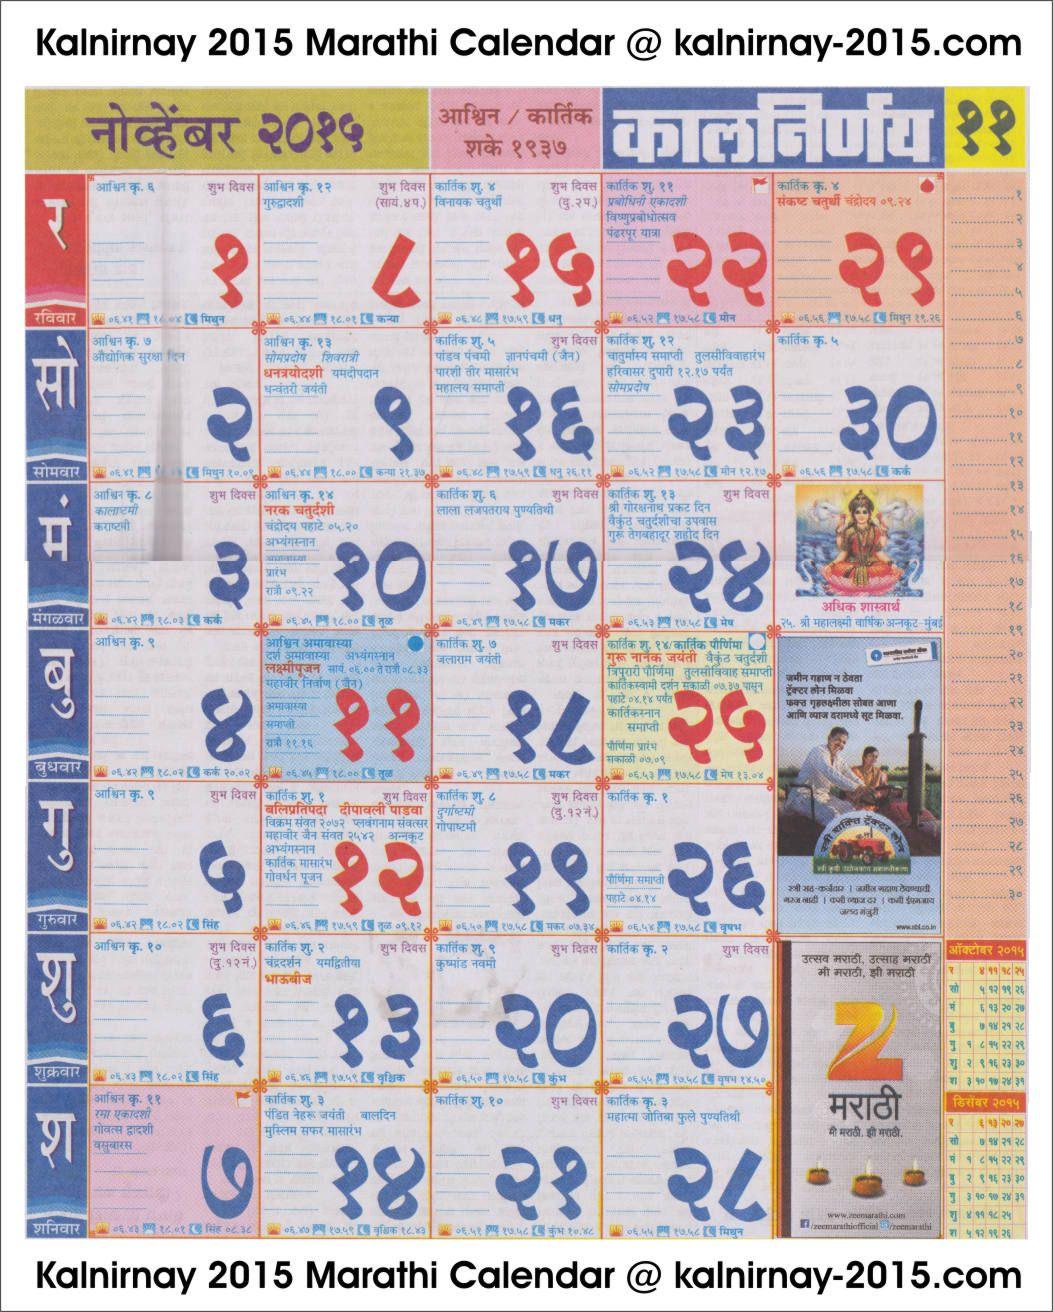 November 2015 Marathi Kalnirnay Calendar | 2015 Kalnirnay